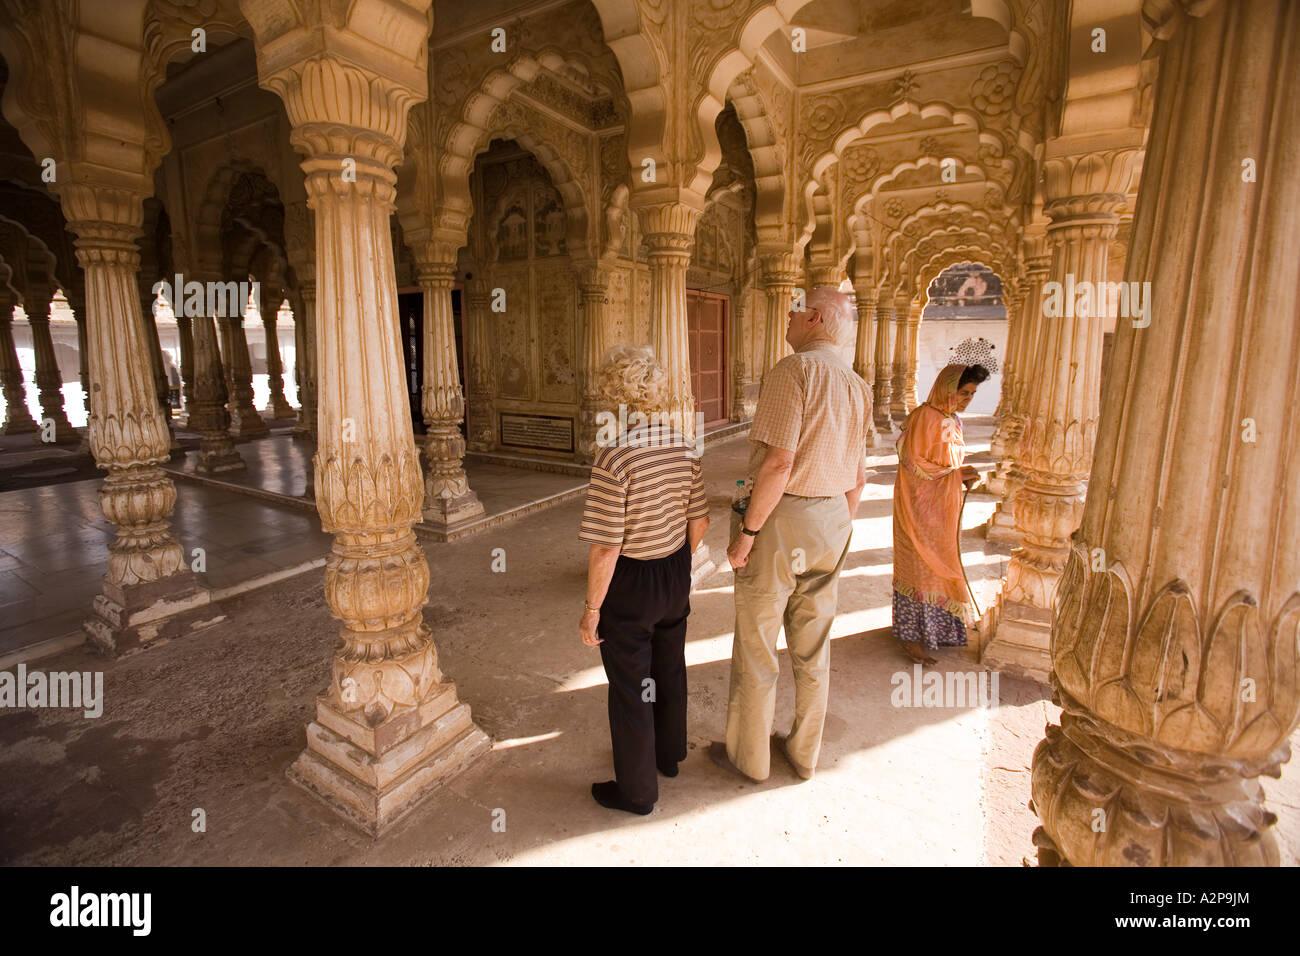 Inde Rajasthan Jodhpur plus touristes occidentaux dans le grand temple Maha Mandir Banque D'Images